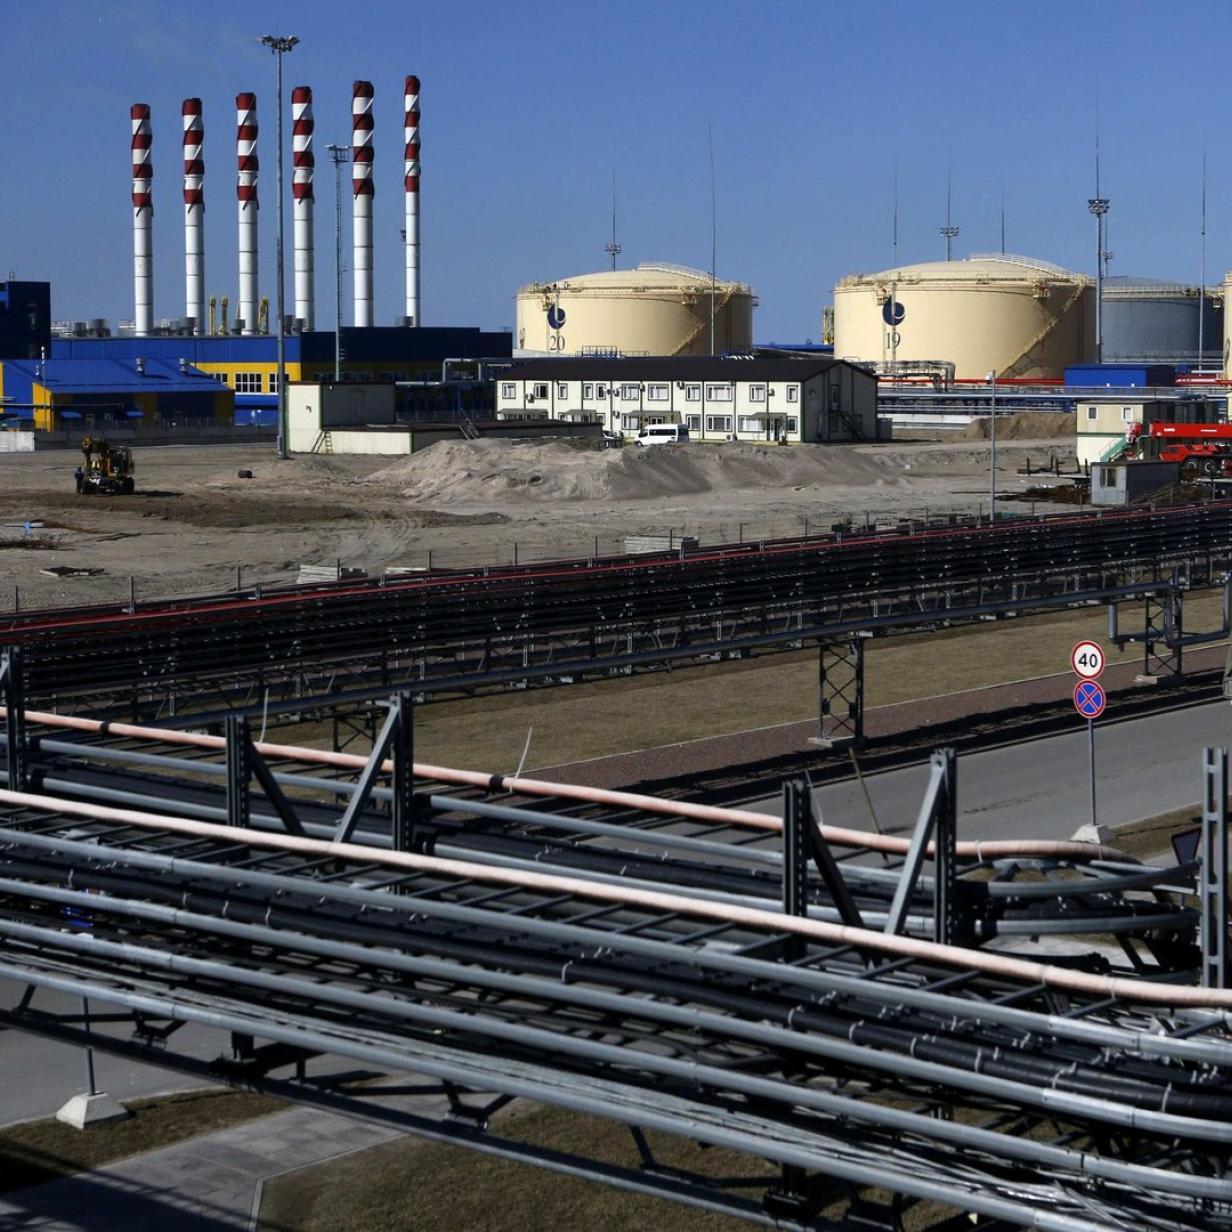 Millionenstrafe für größten Rohstoffhändler der Welt